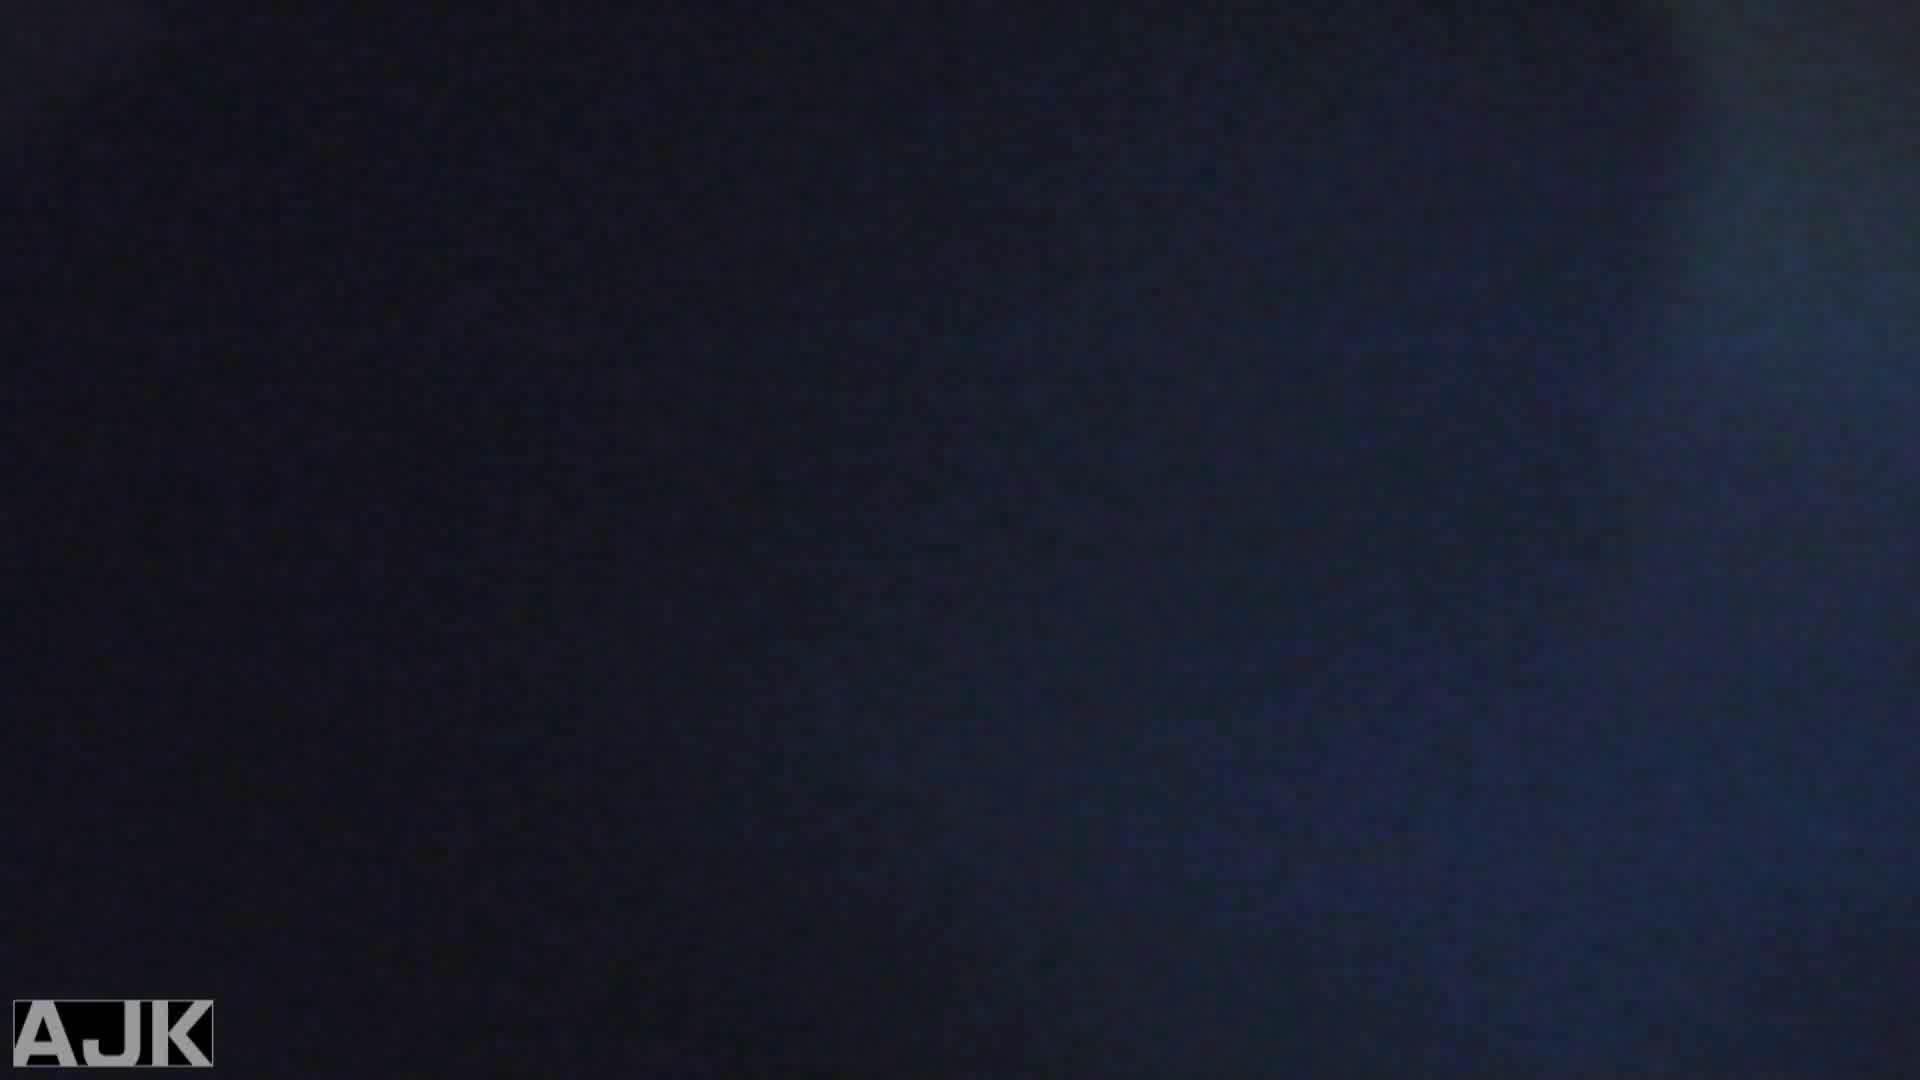 神降臨!史上最強の潜入かわや! vol.22 潜入 | オマンコもろ  112PIX 43